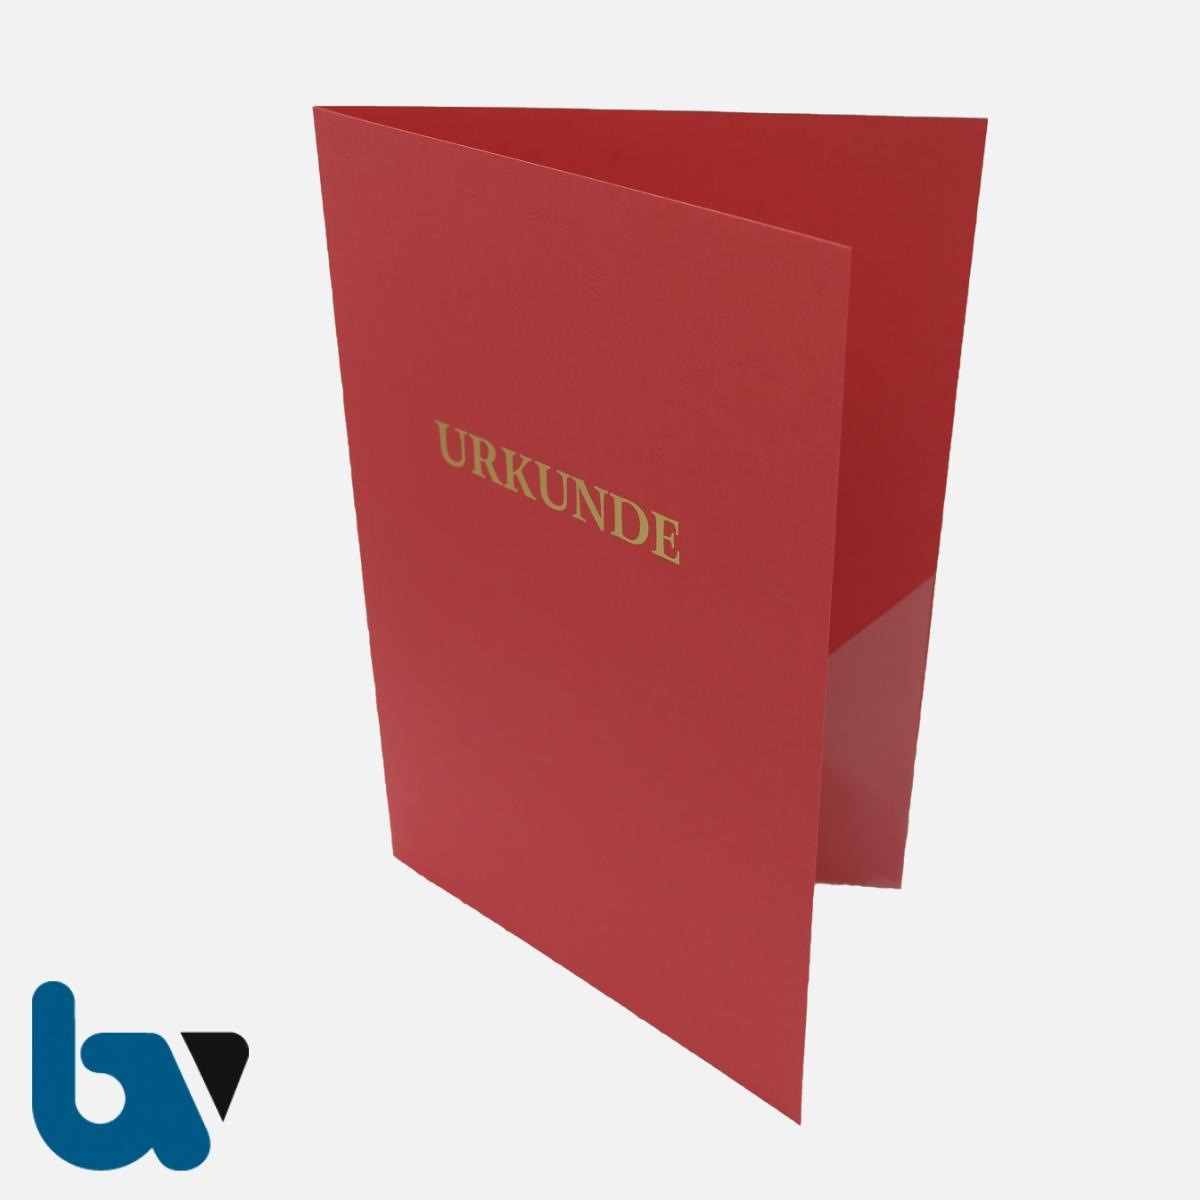 0/134-11 Urkundenhülle rot DIN A4 Dokumente Feuerwehr Goldprägung Einstecktasche Einlege VS | Borgard Verlag GmbH